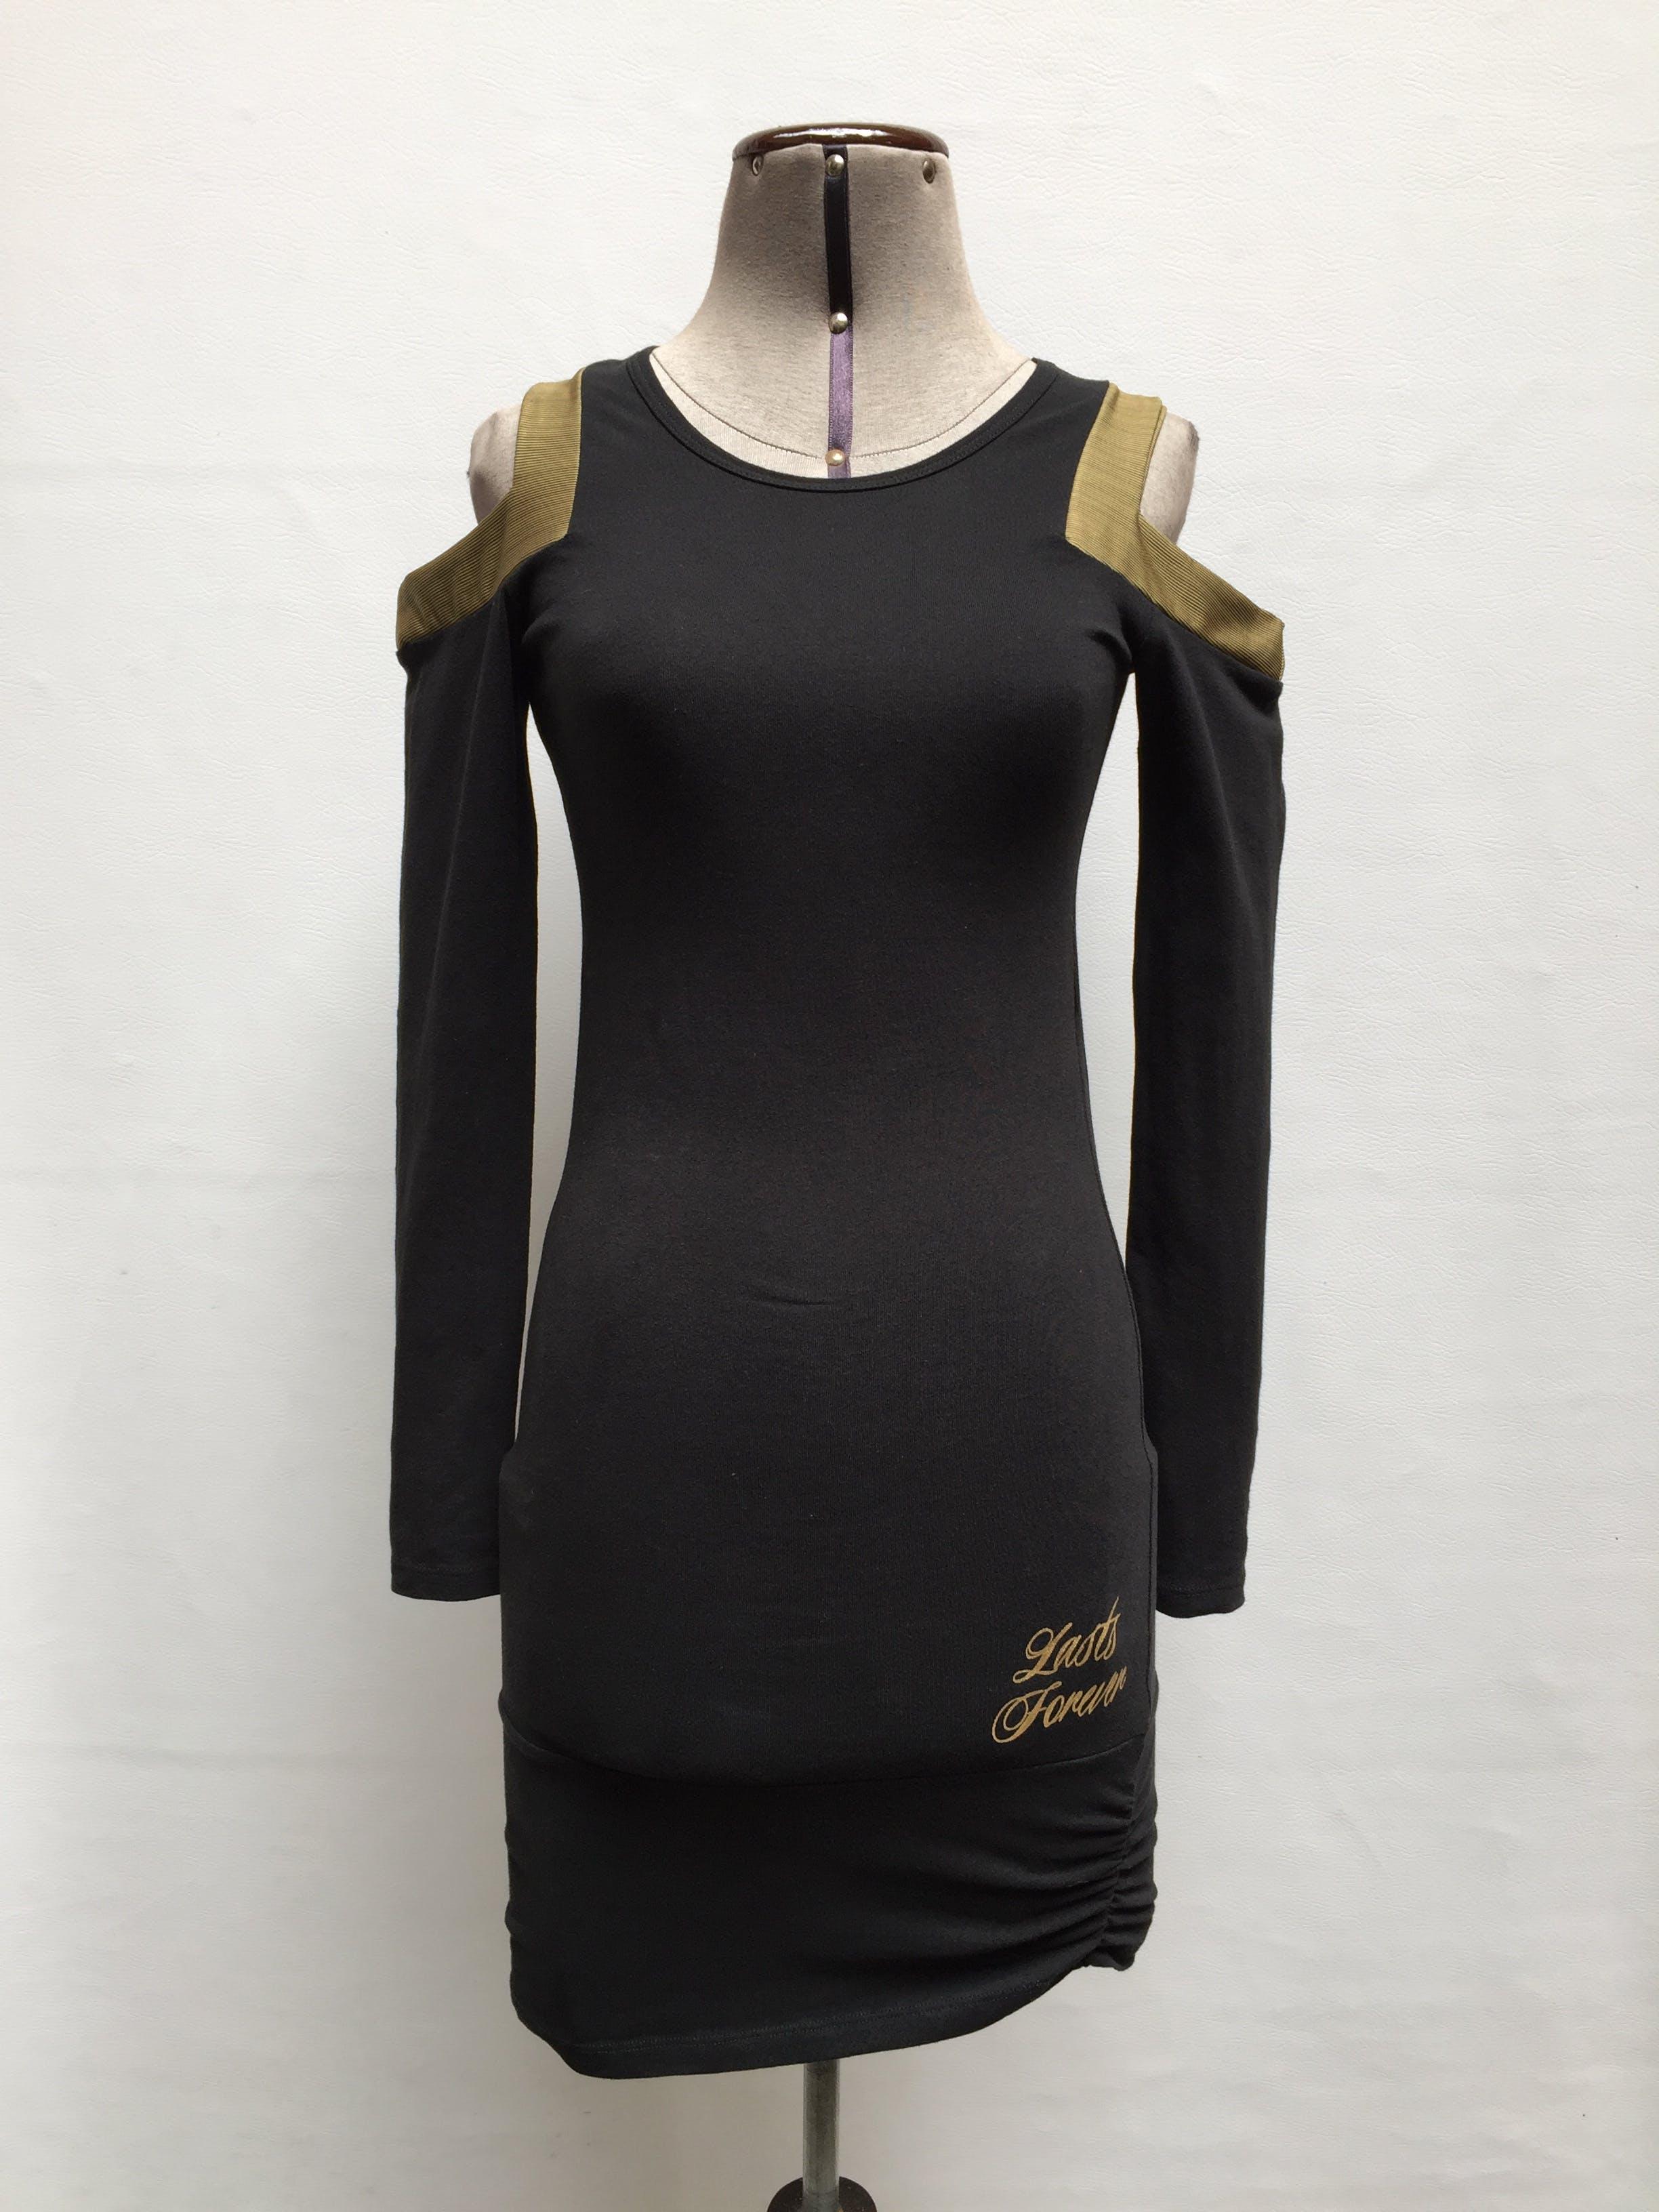 Vestido negro con calado en los hombros, manga larga, escote redondo y fruncido en los laterales de la basta, ligeramente strech Talla XS/S